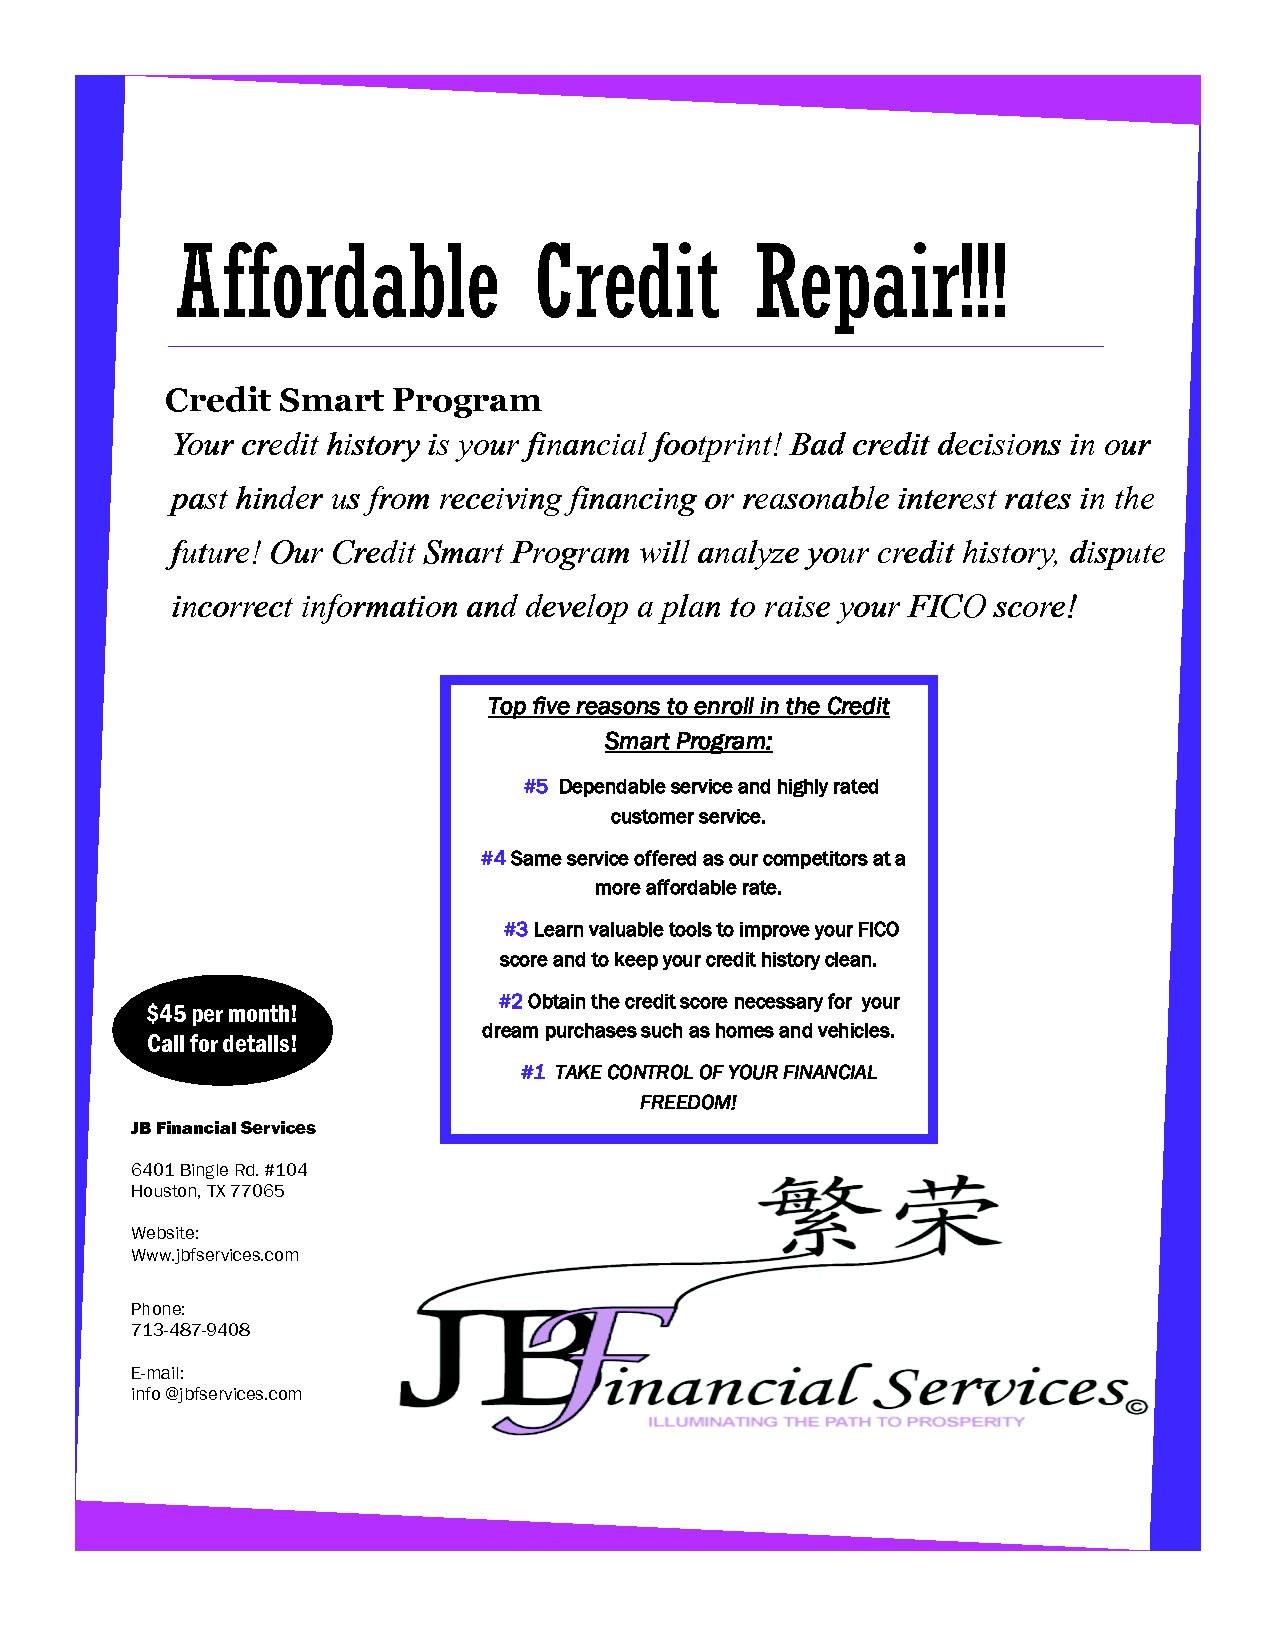 Credit Repair Flyer Template Credit Repair Flyer Google Search